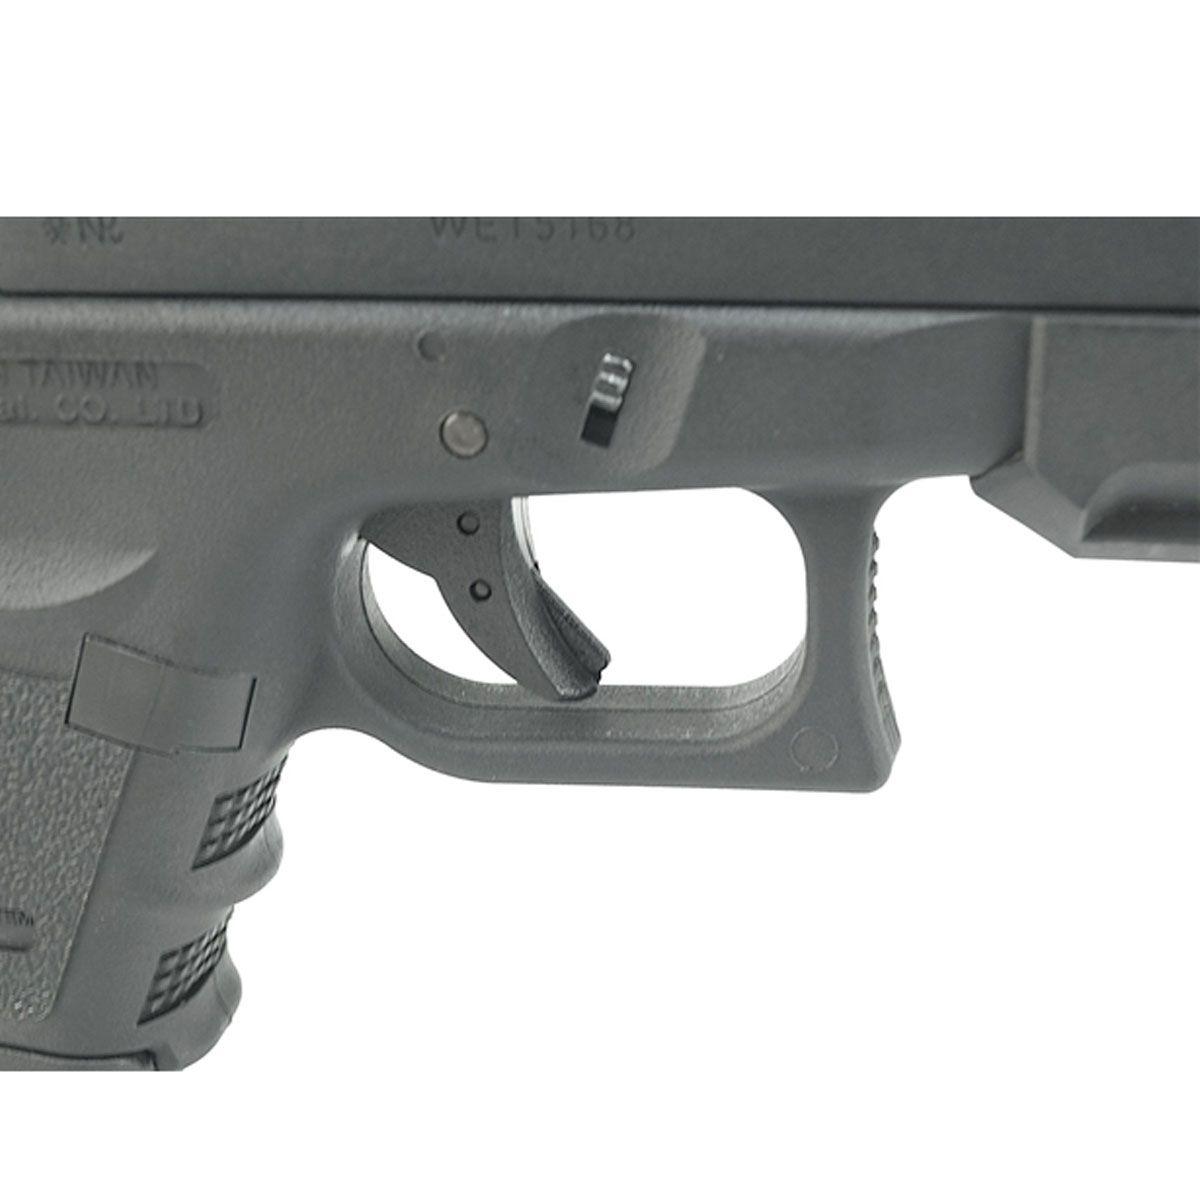 Pistola de Airsoft WE G26C Advance GBB 6mm